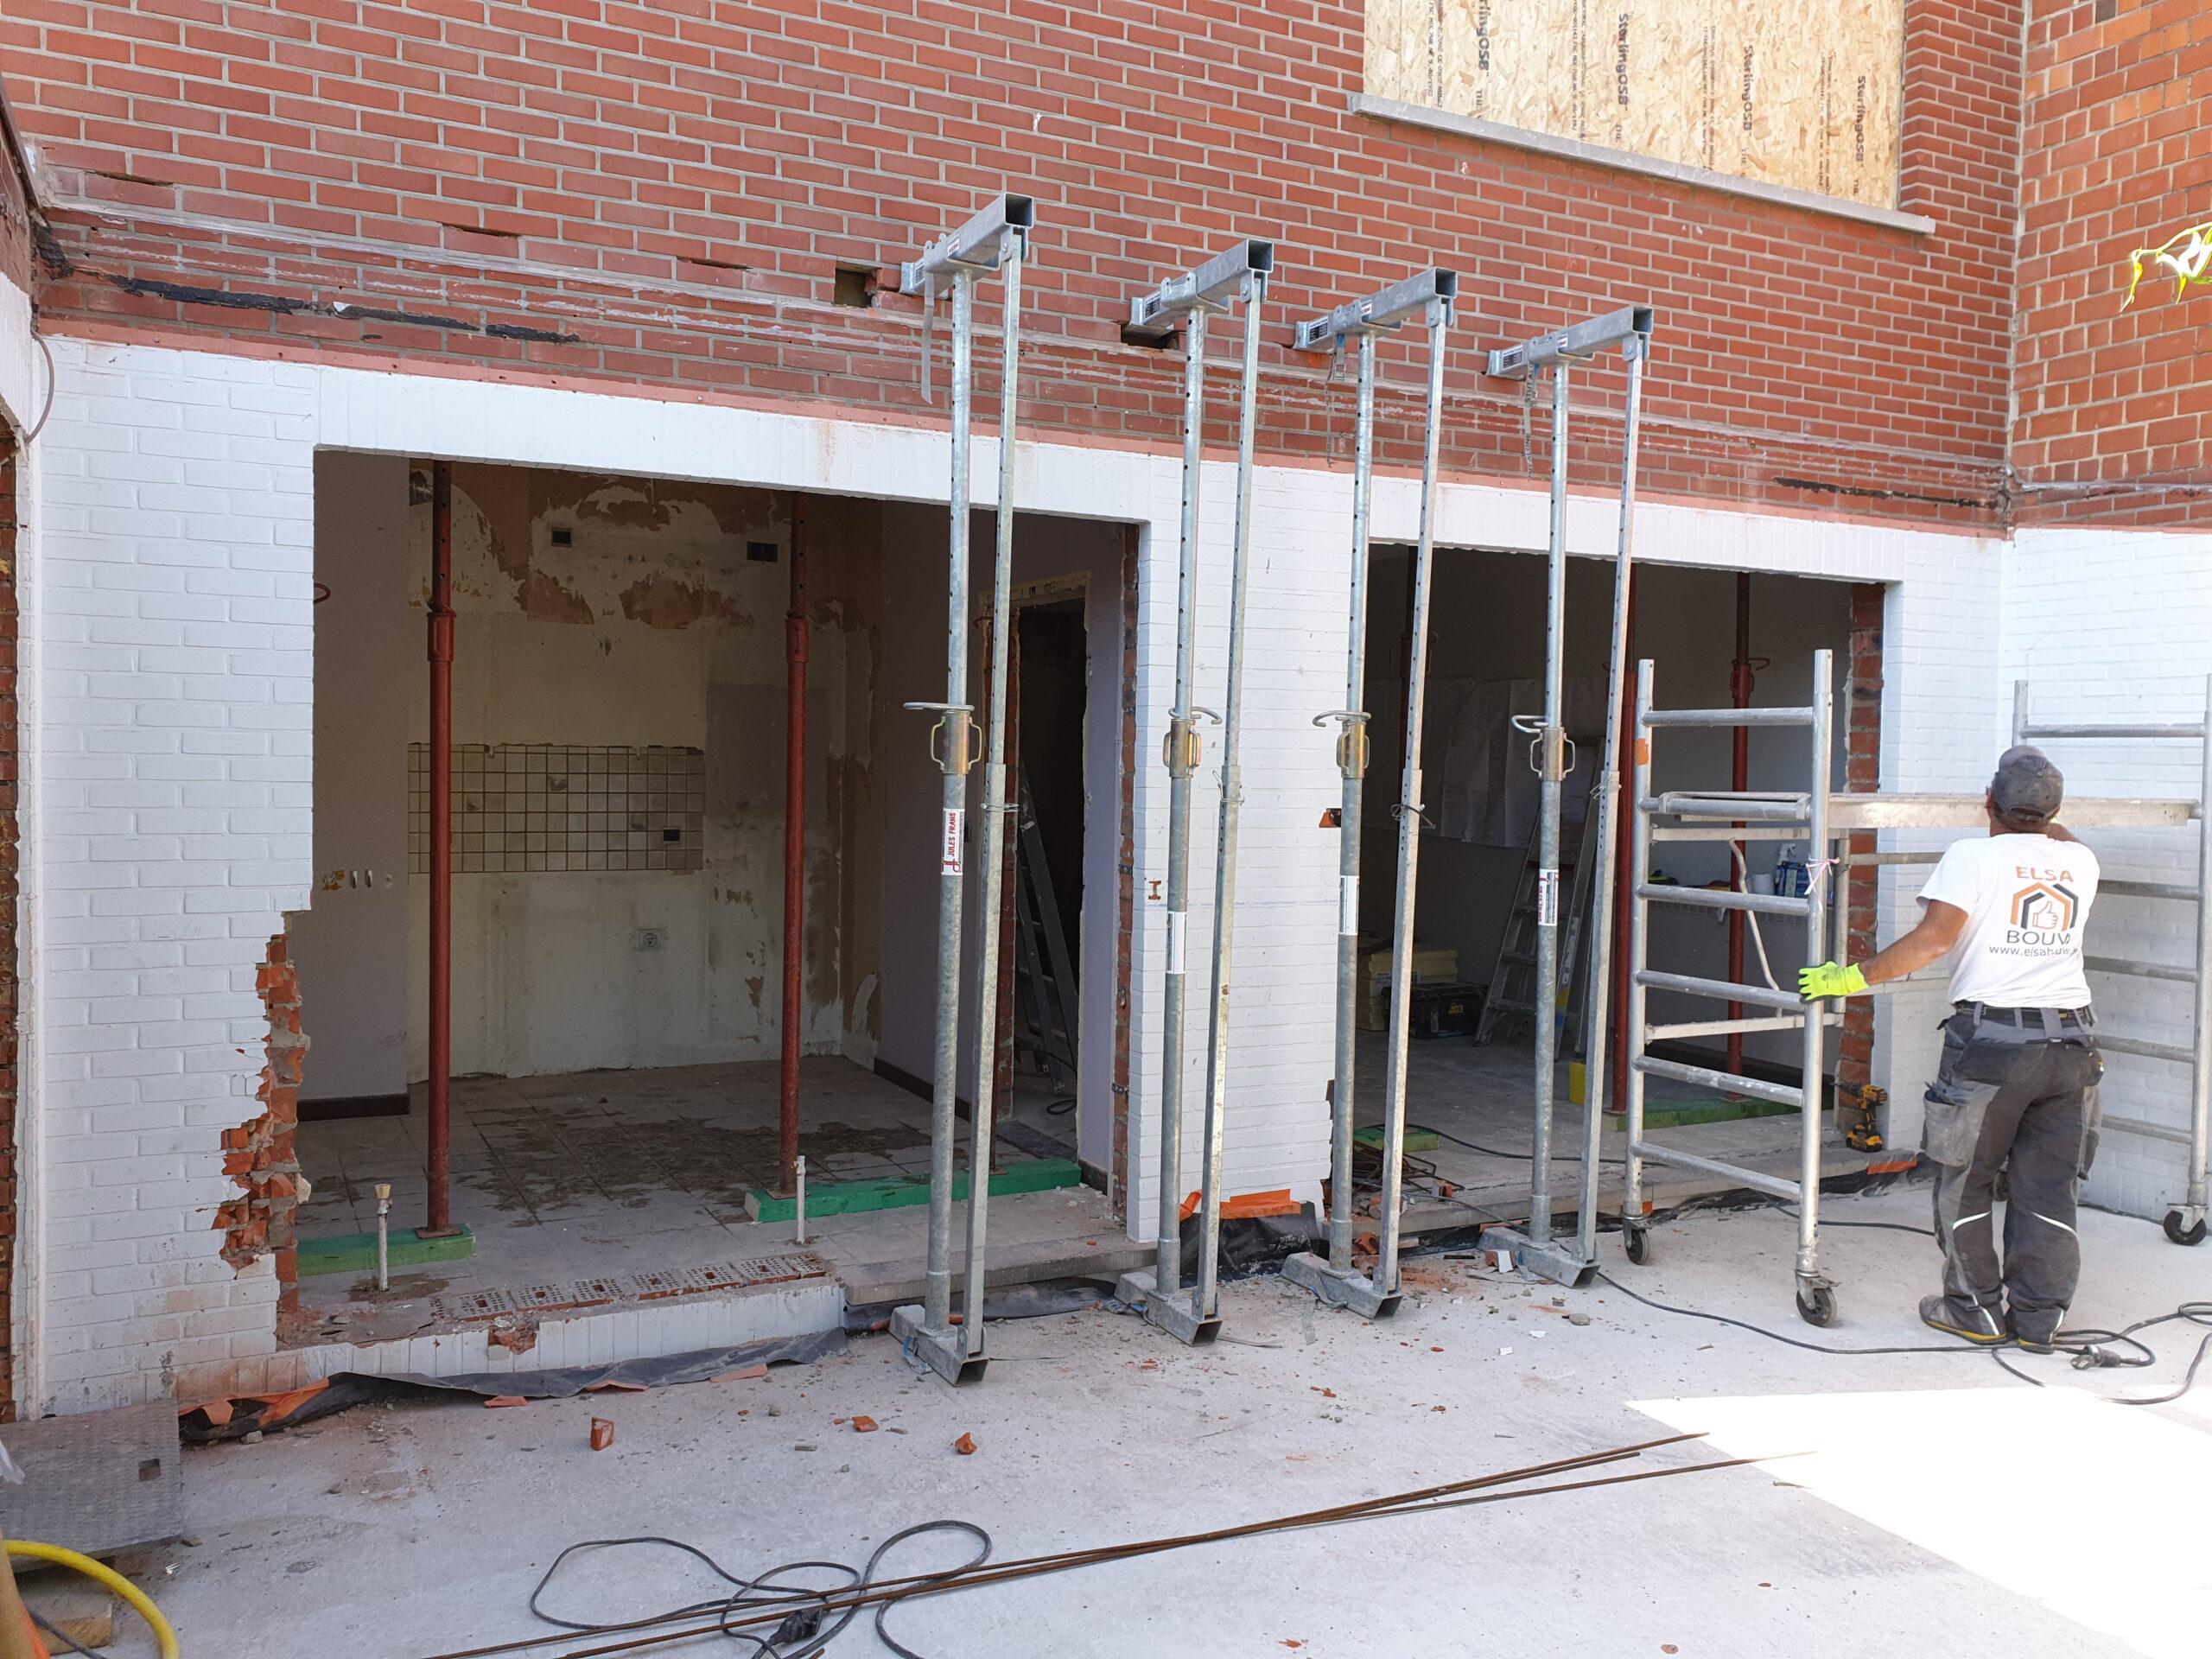 Uitbouw - Aannemer verbouwingen en renovaties - Entrepreneur transformations et rénovations